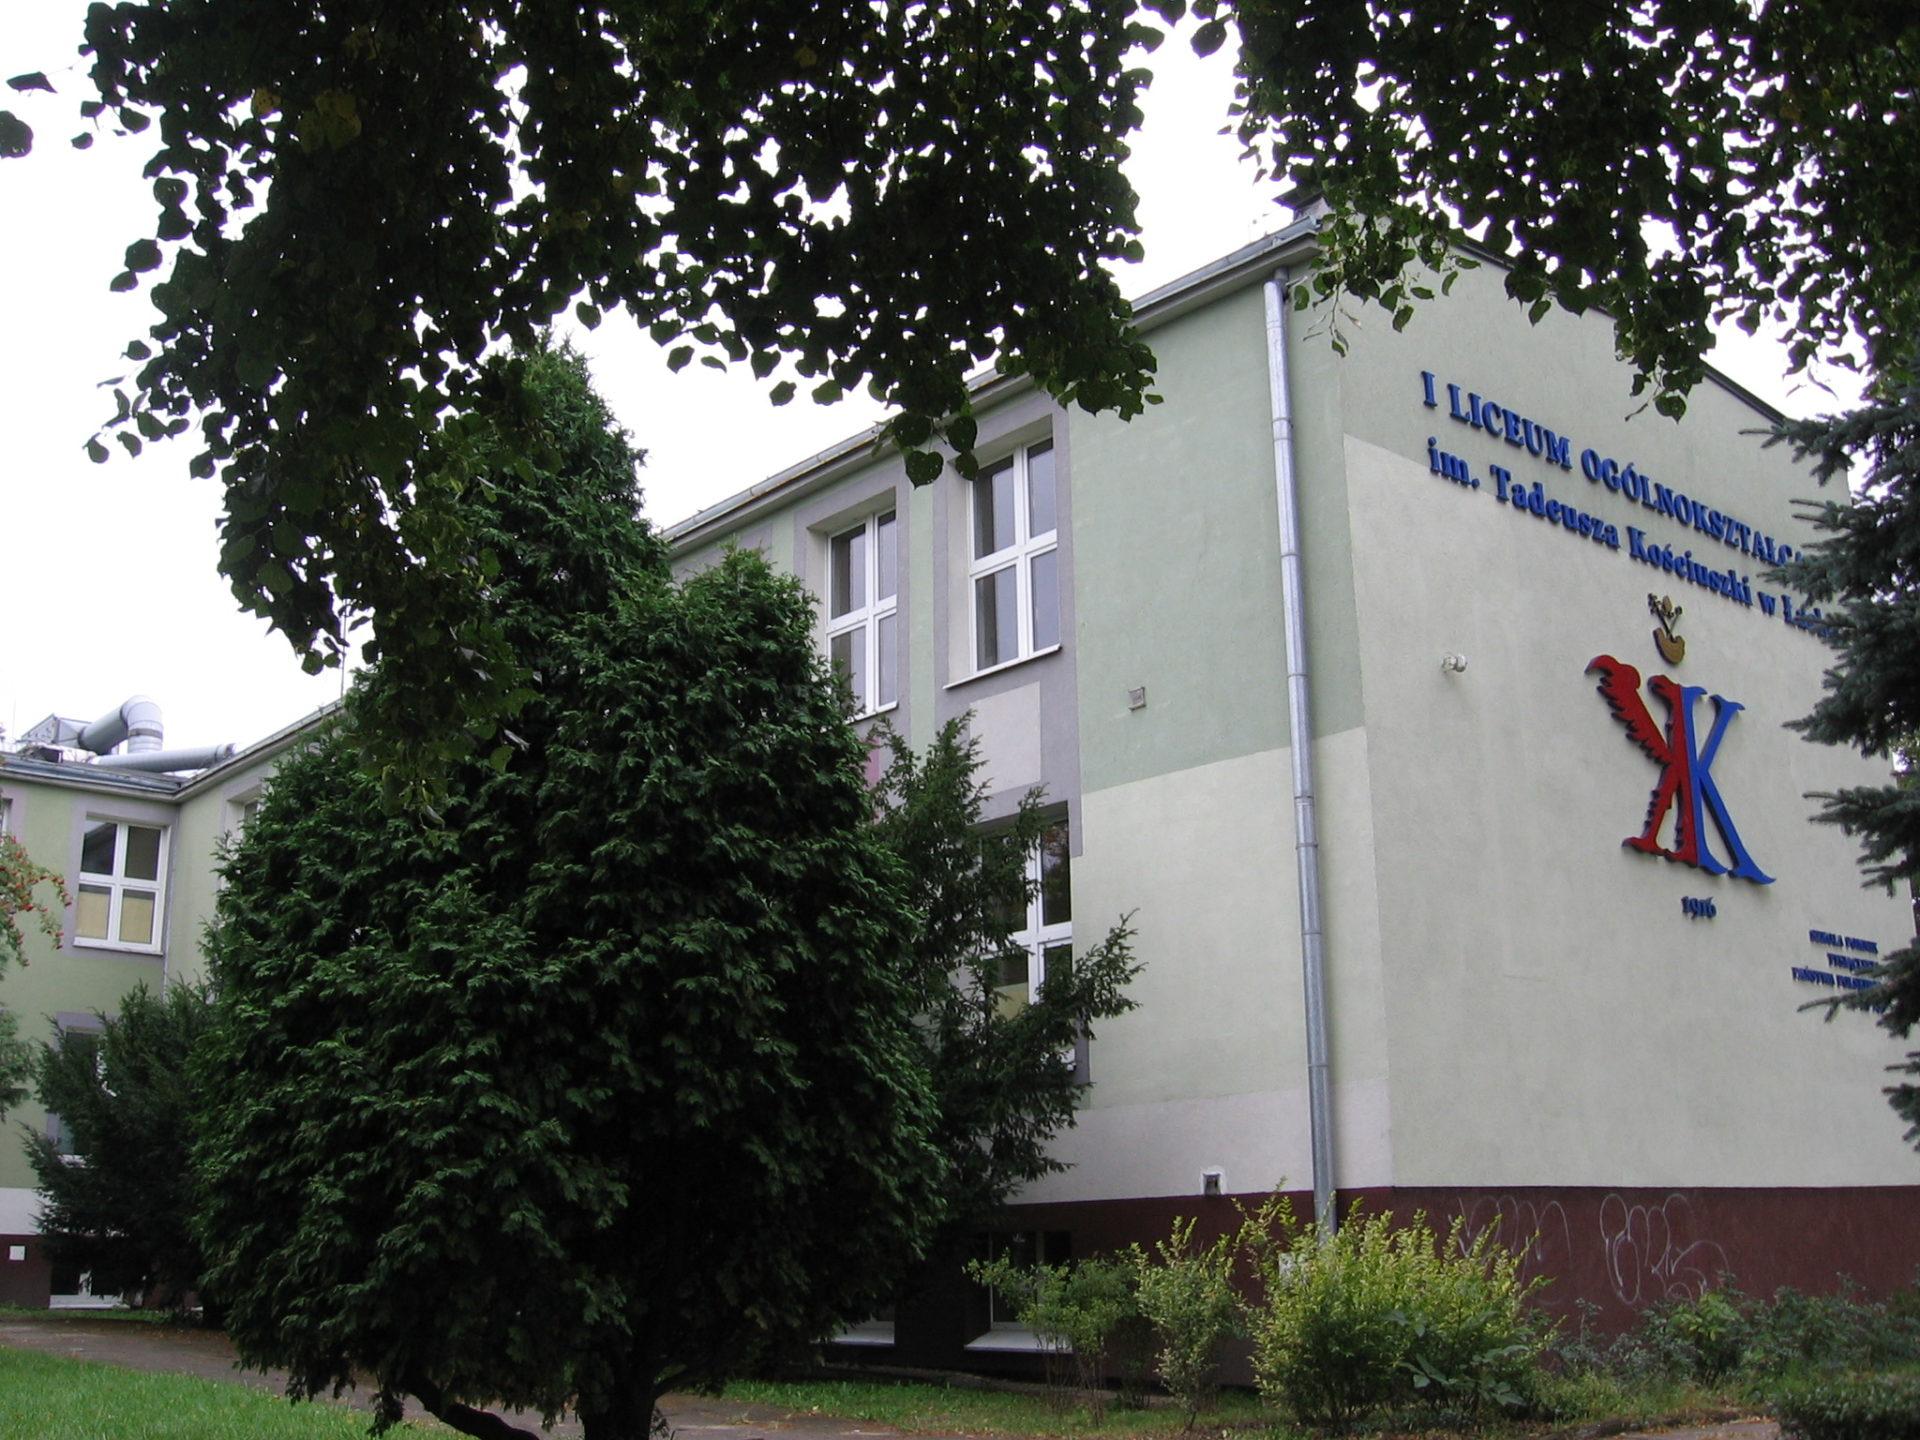 I Liceum Ogólnokształcące im Tadeusza Kościuszki w Łasku